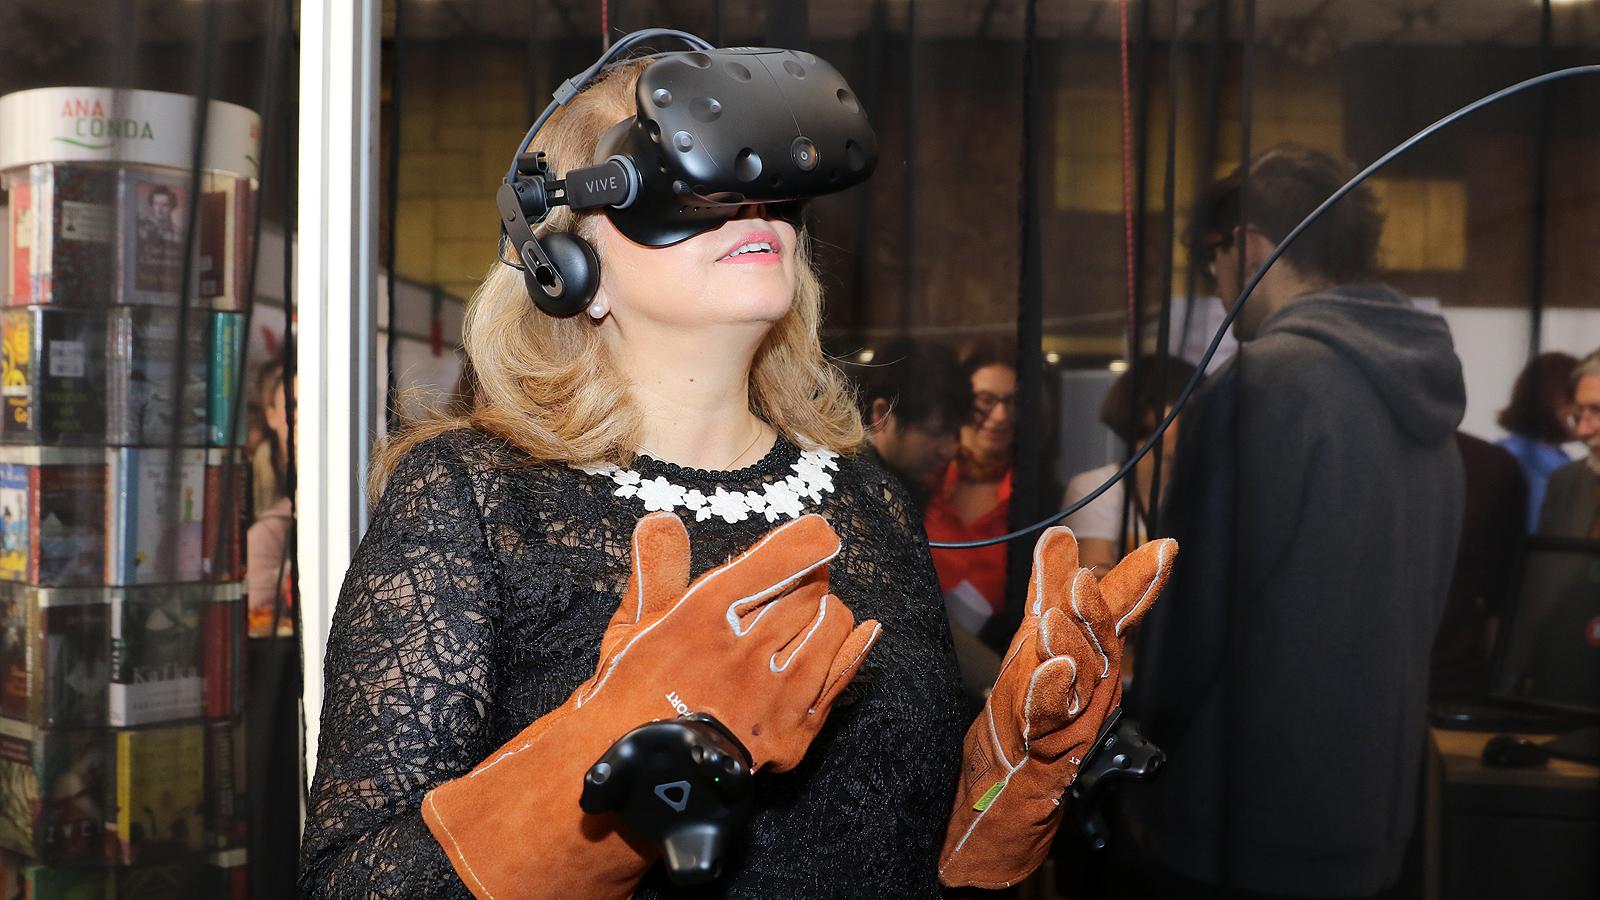 """Илияна Йотова - вицепрезидент на Република България се потопи във виртуалната реалност чрез проектът VRwandlung, базиран на новелата """"Метаморфозата"""" от Франц Кафка."""